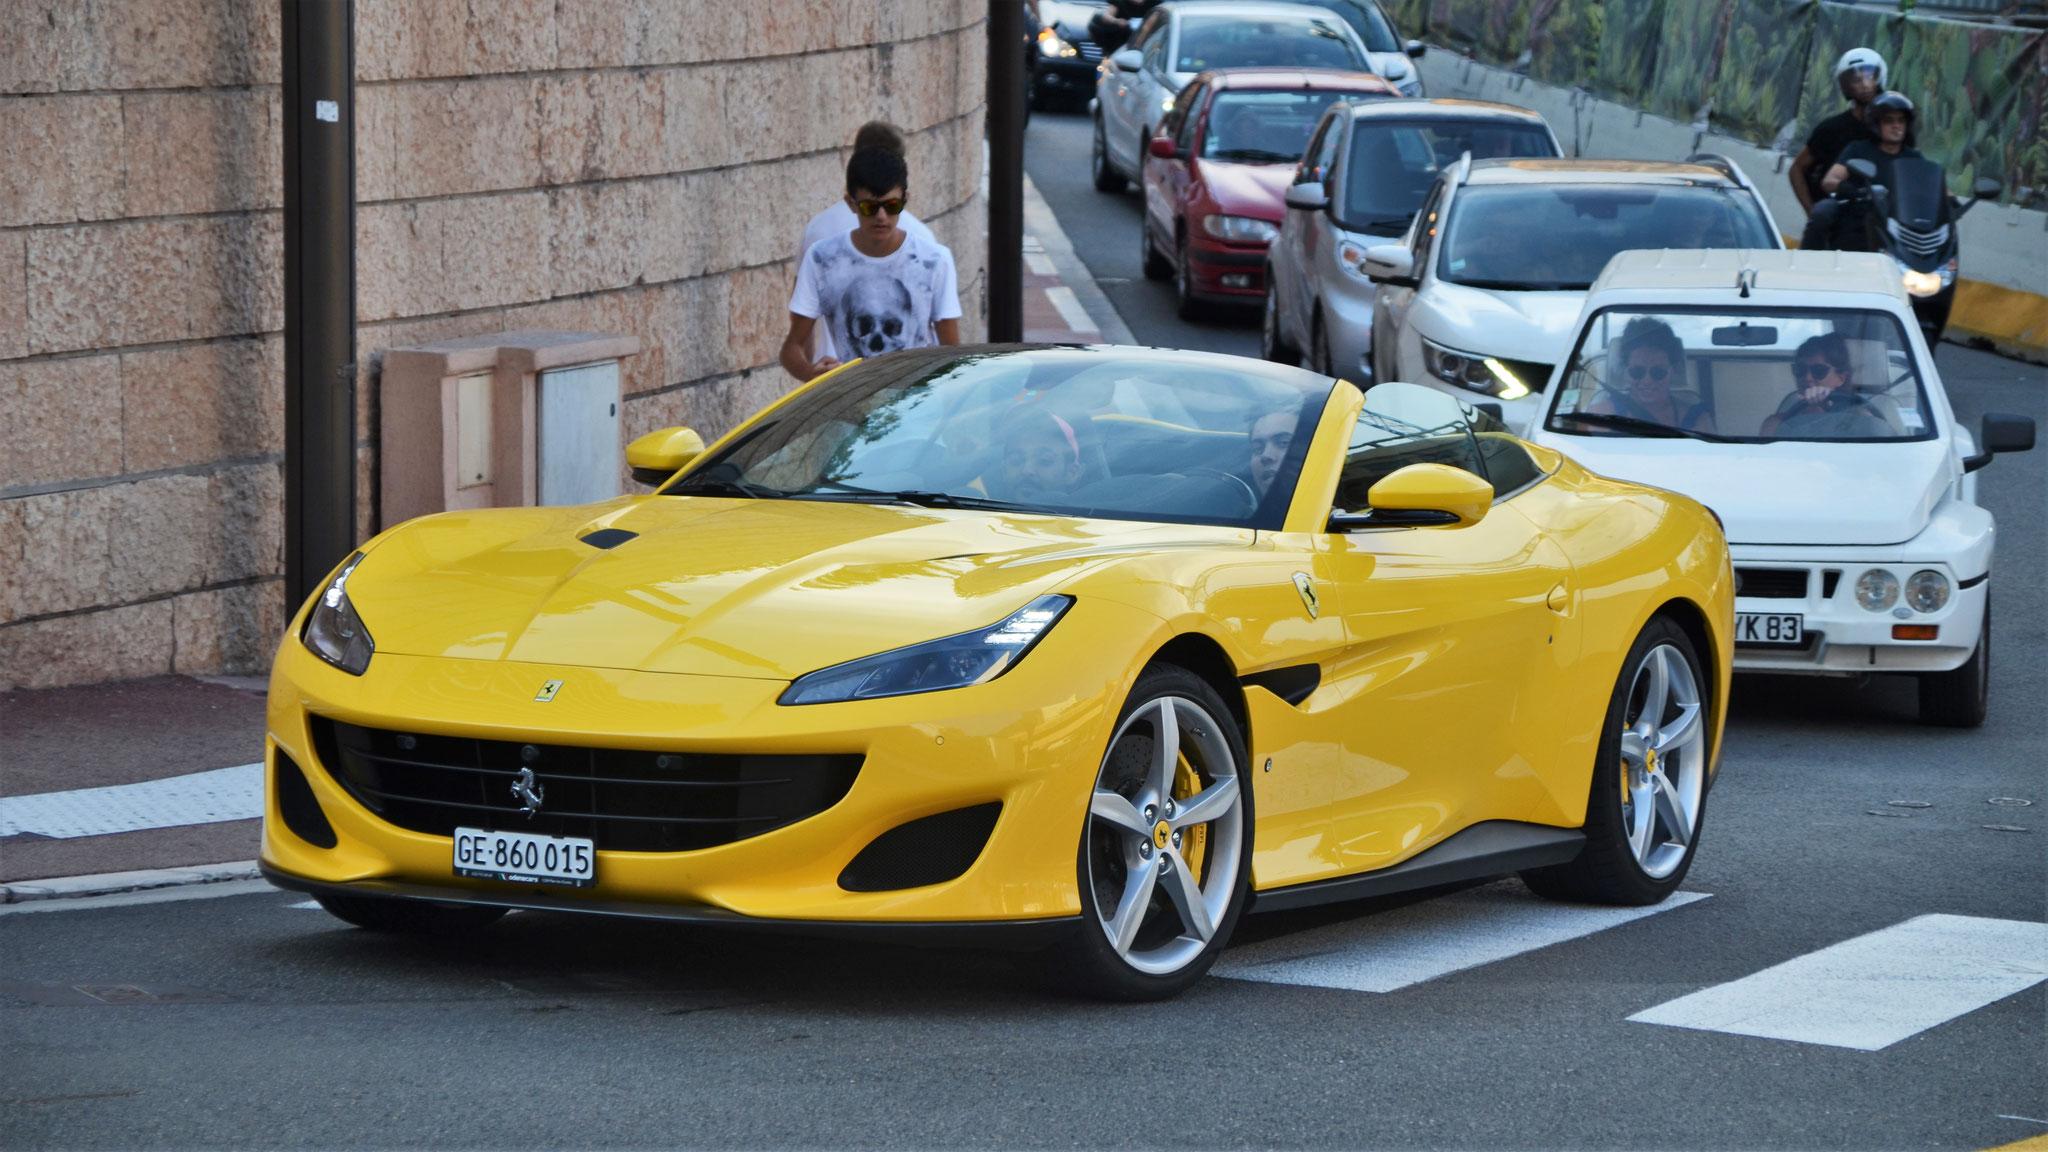 Ferrari Portofino - GE-860015 (CH)